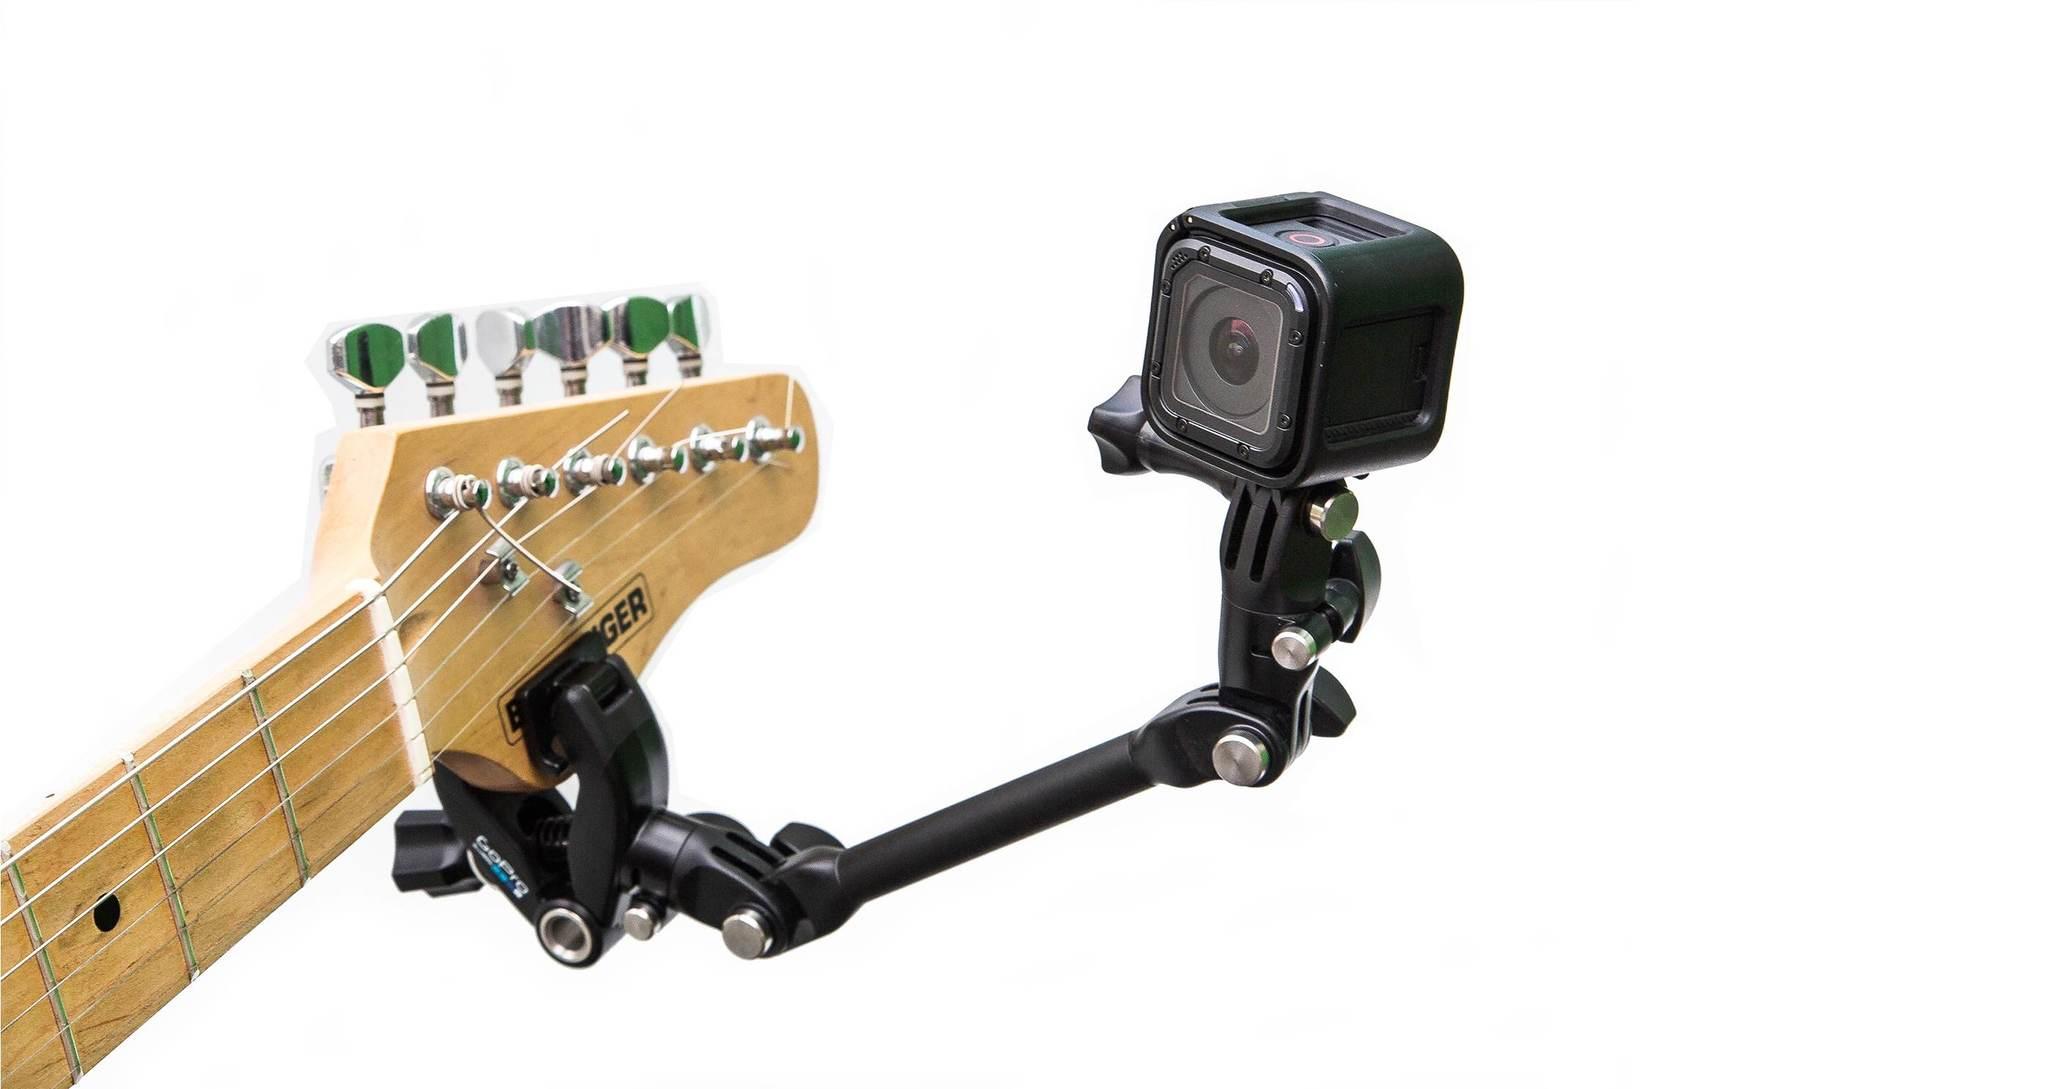 Крепление для музыкальных инструментов GoPro AMCLP-001 The Jam-Adjustable Music на гитаре